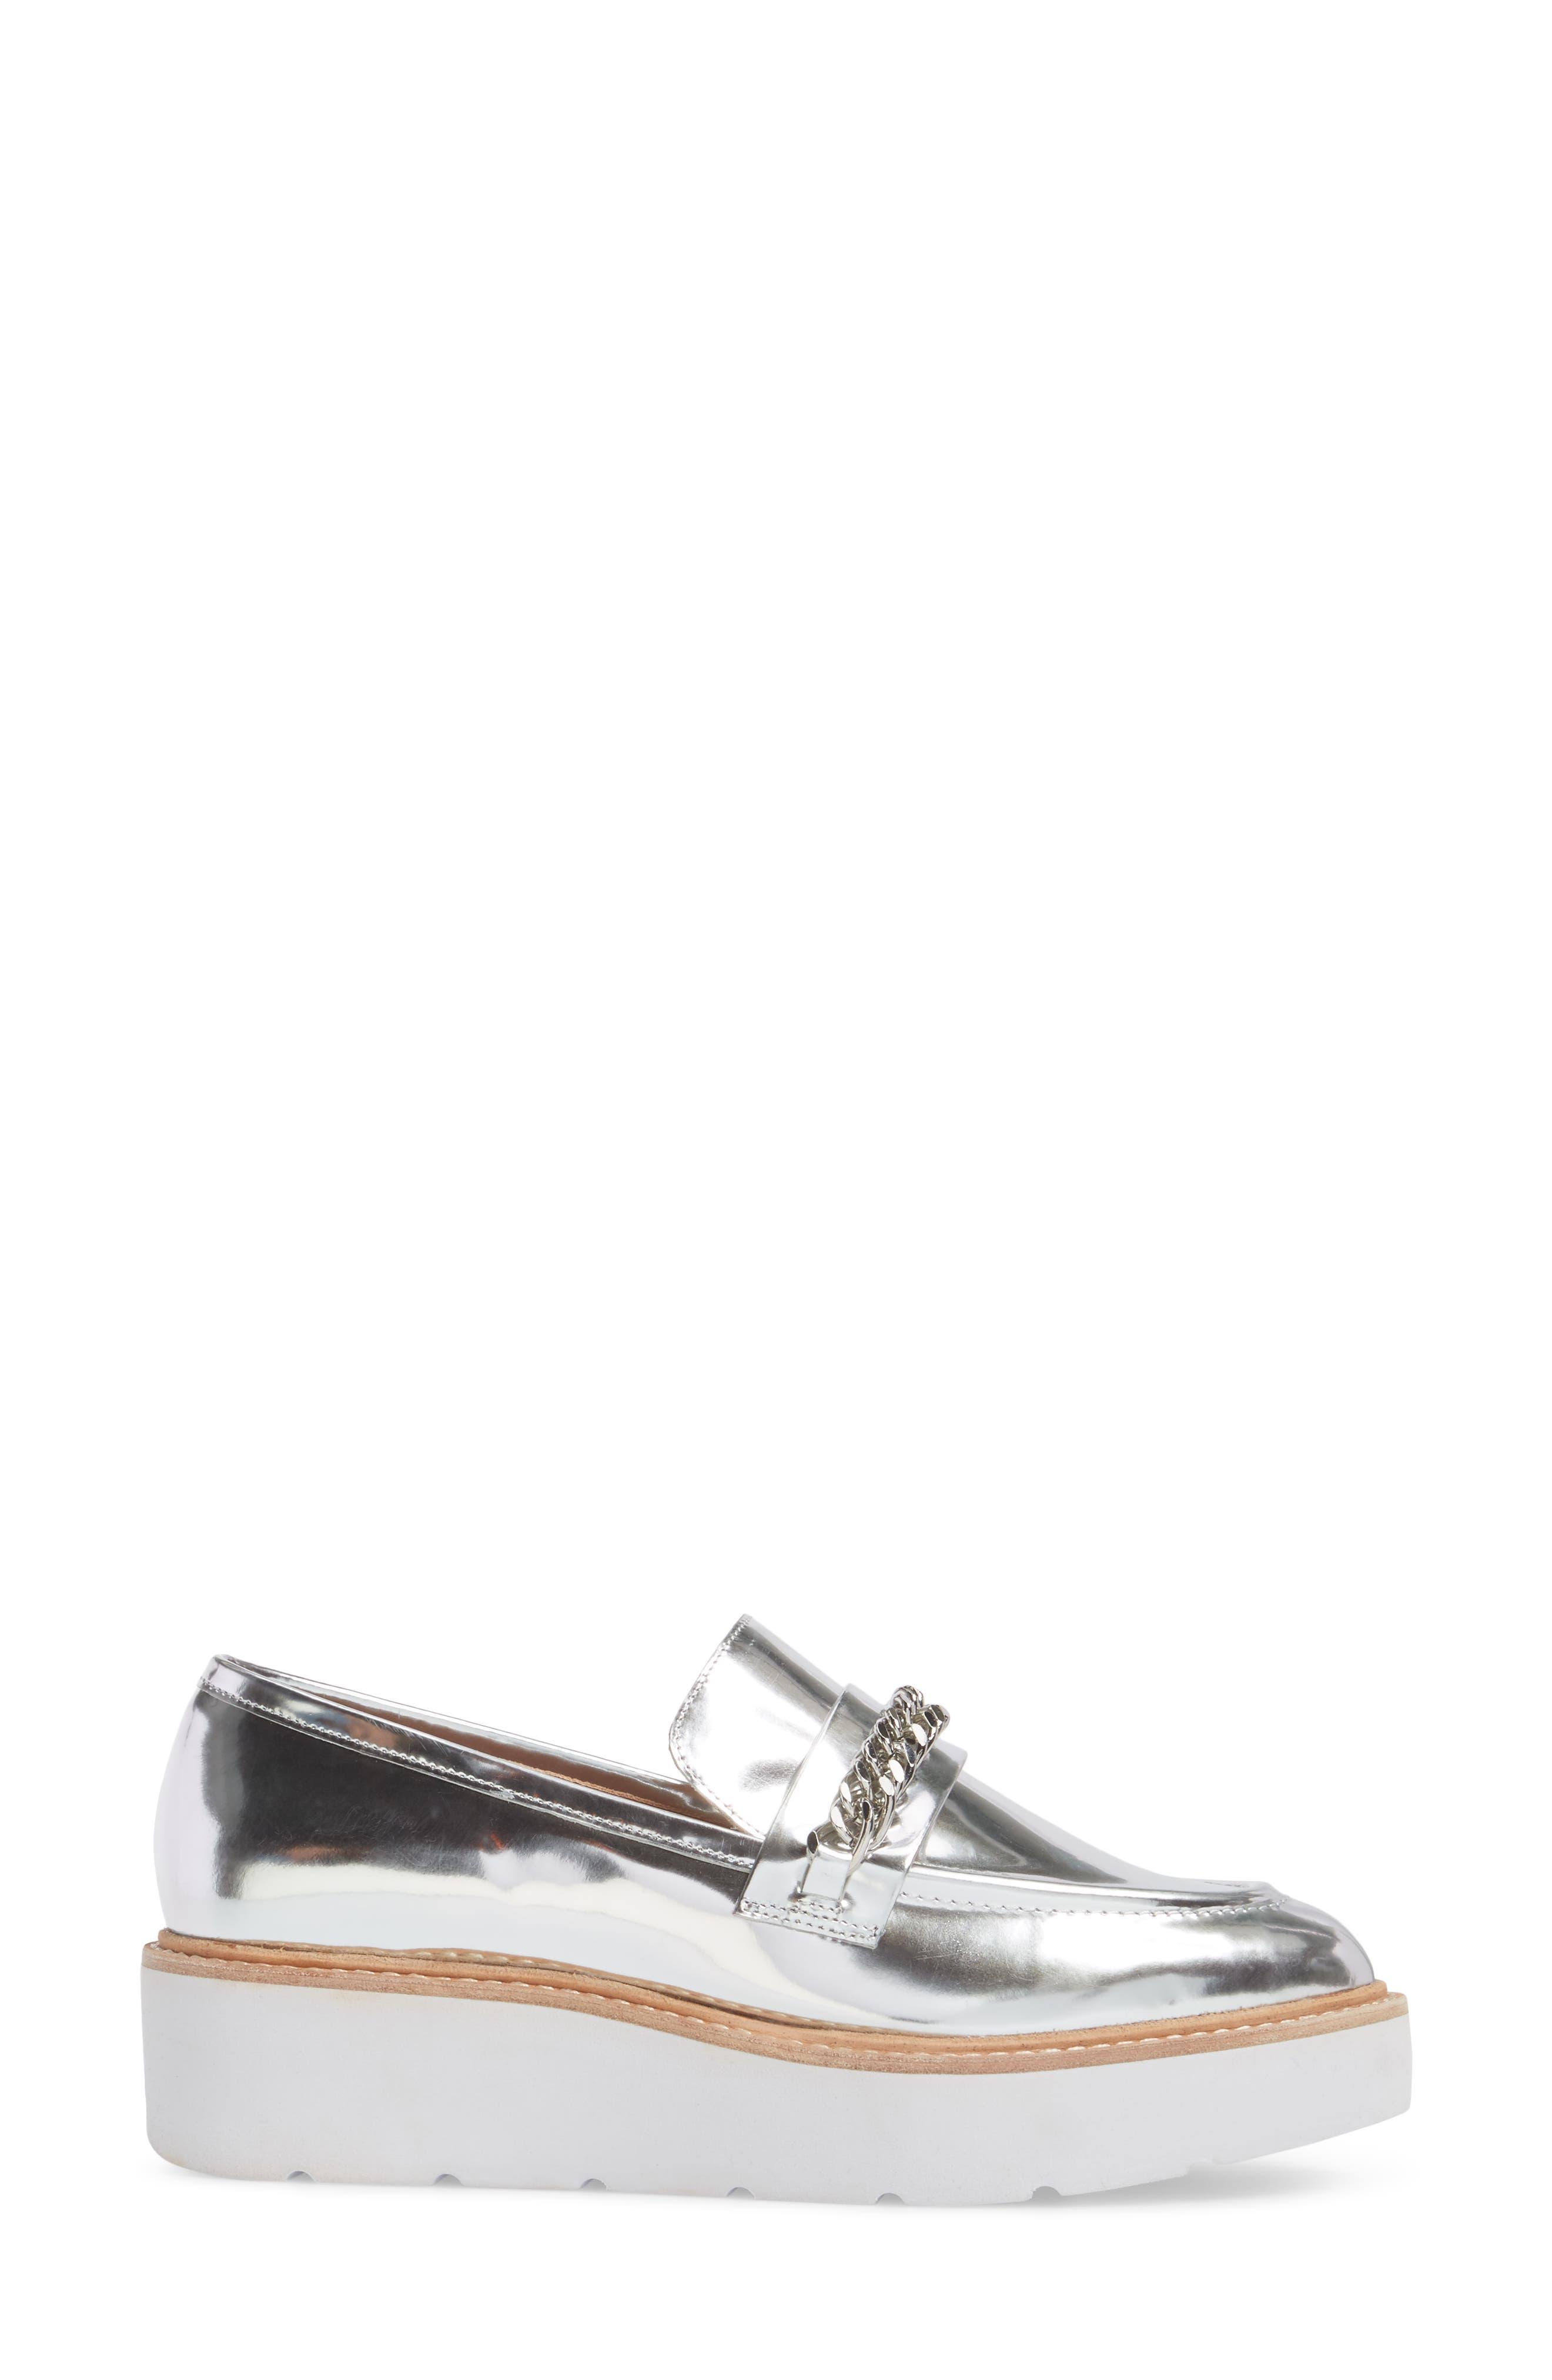 Jacki Platform Loafer,                             Alternate thumbnail 3, color,                             Silver Leather